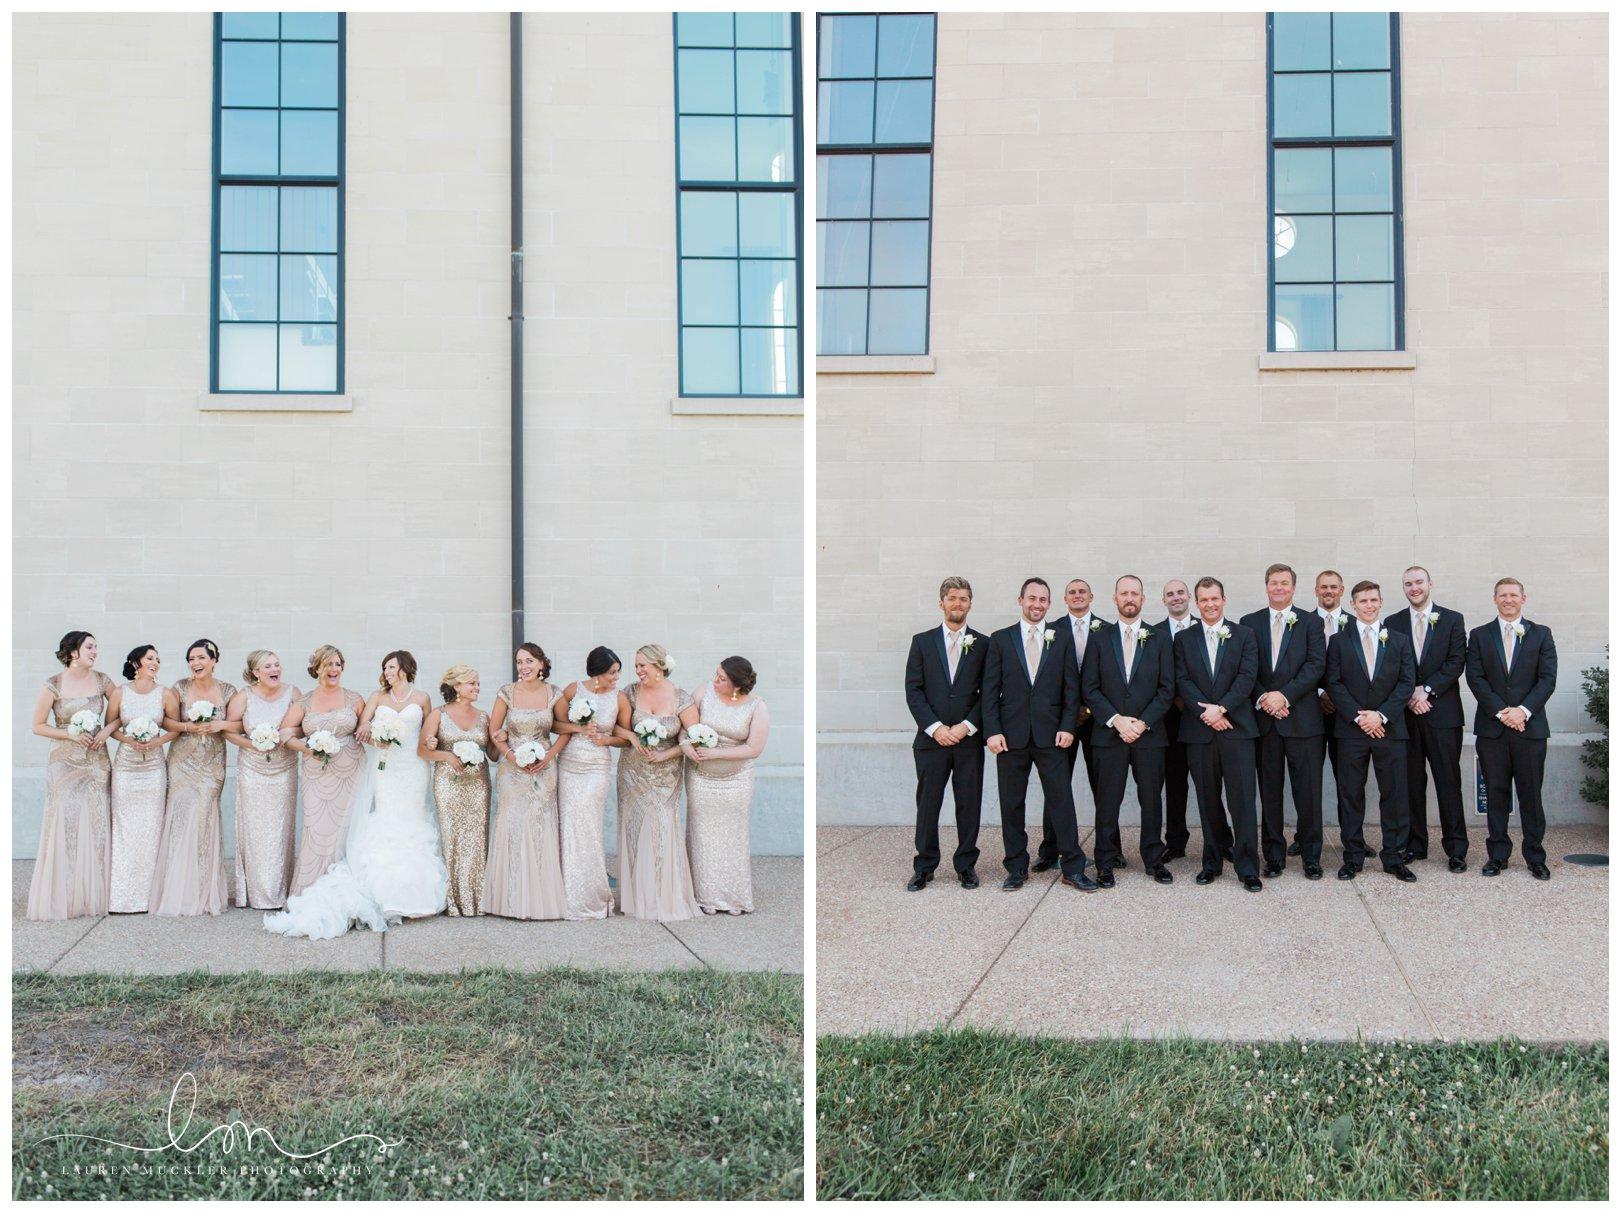 lauren muckler photography_fine art film wedding photography_st louis_photography_0471.jpg